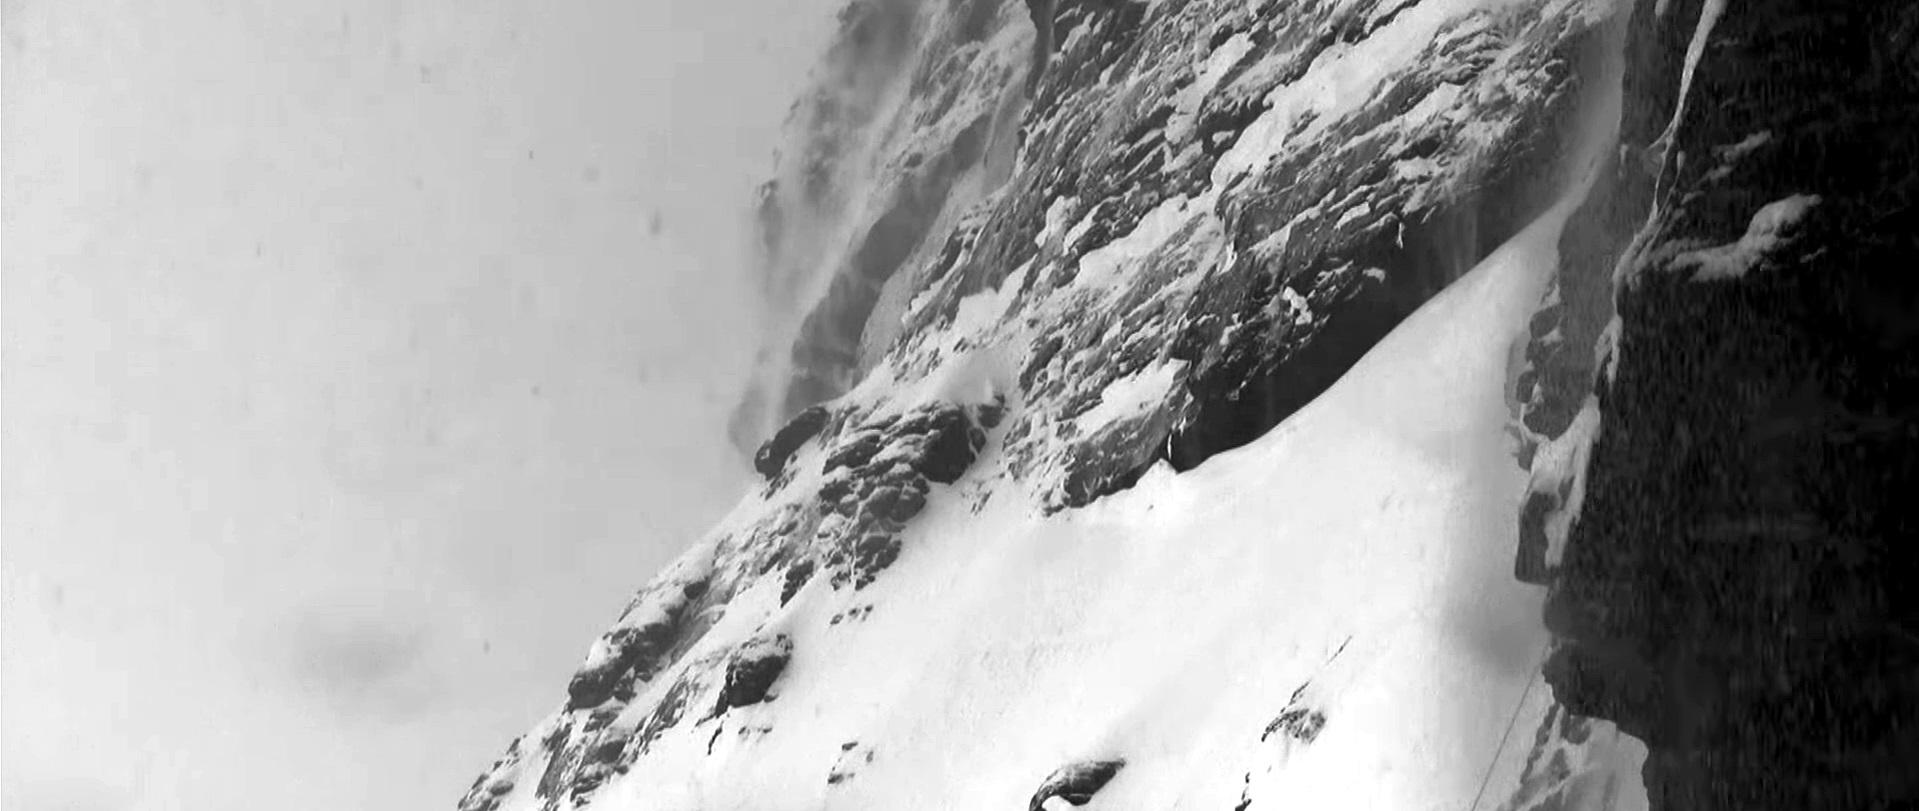 Andrebestigning av Metanoia på Eiger